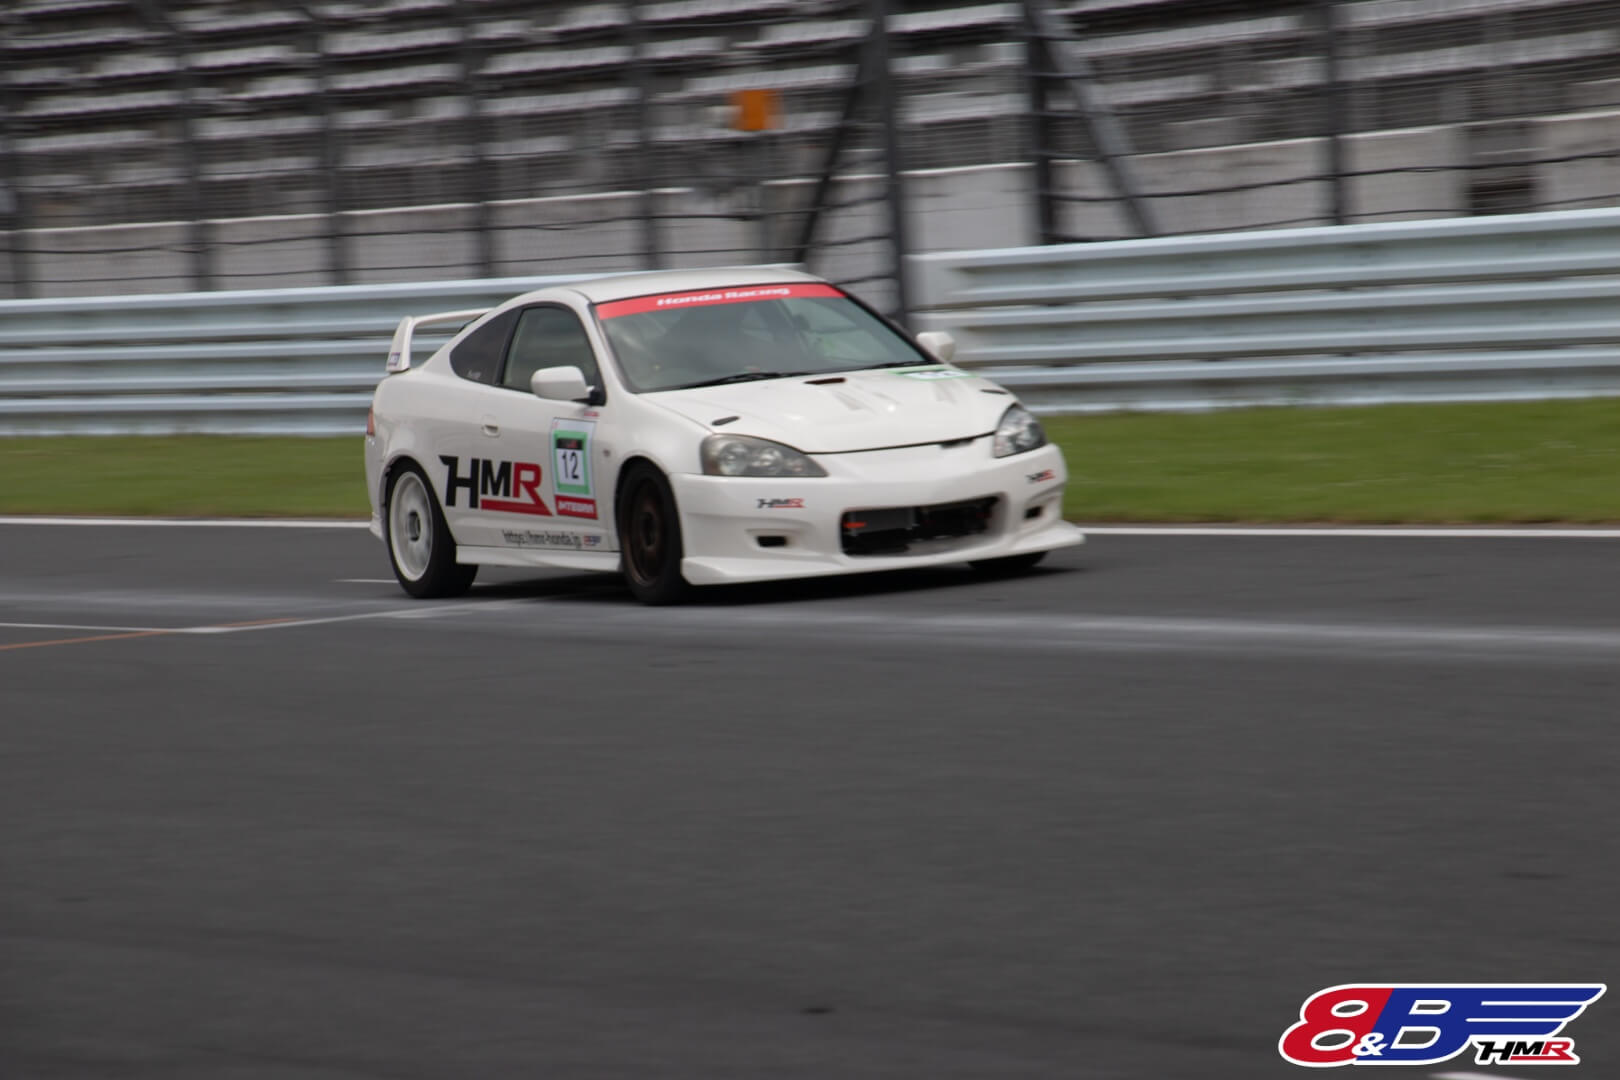 Fuji1-GP DC5